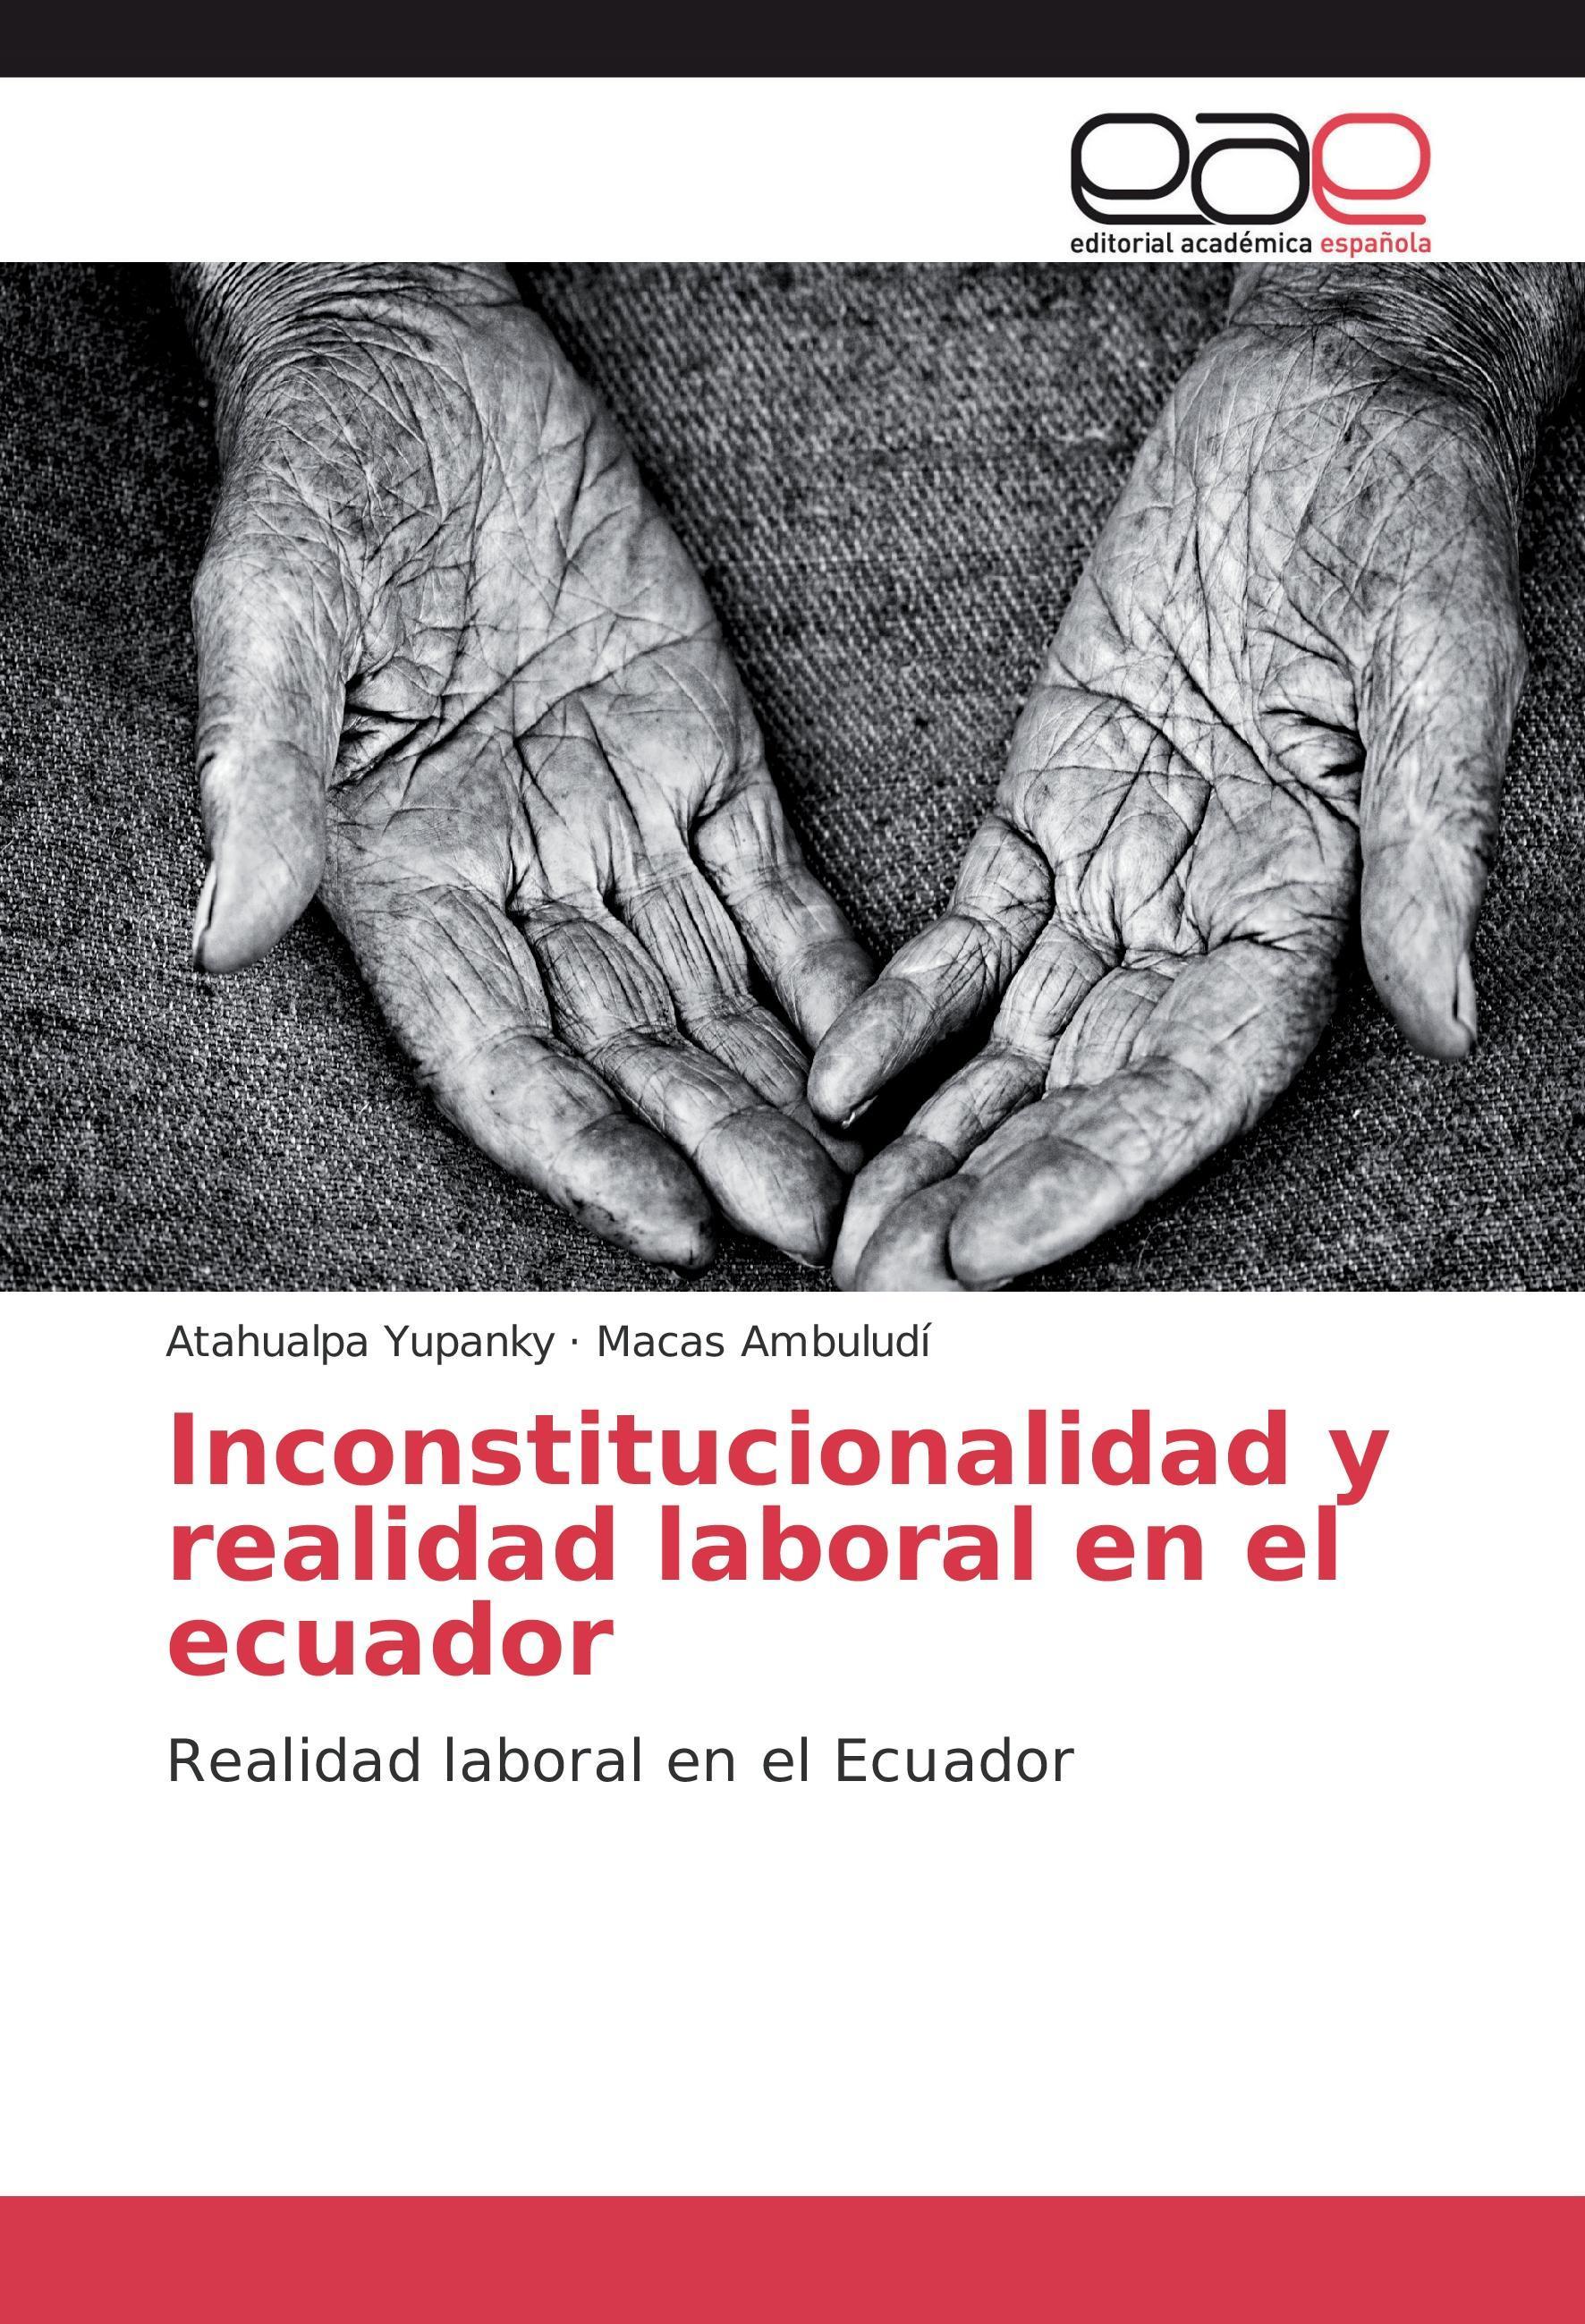 Inconstitucionalidad y realidad laboral en el ecuador - Atah ... 9783639782561